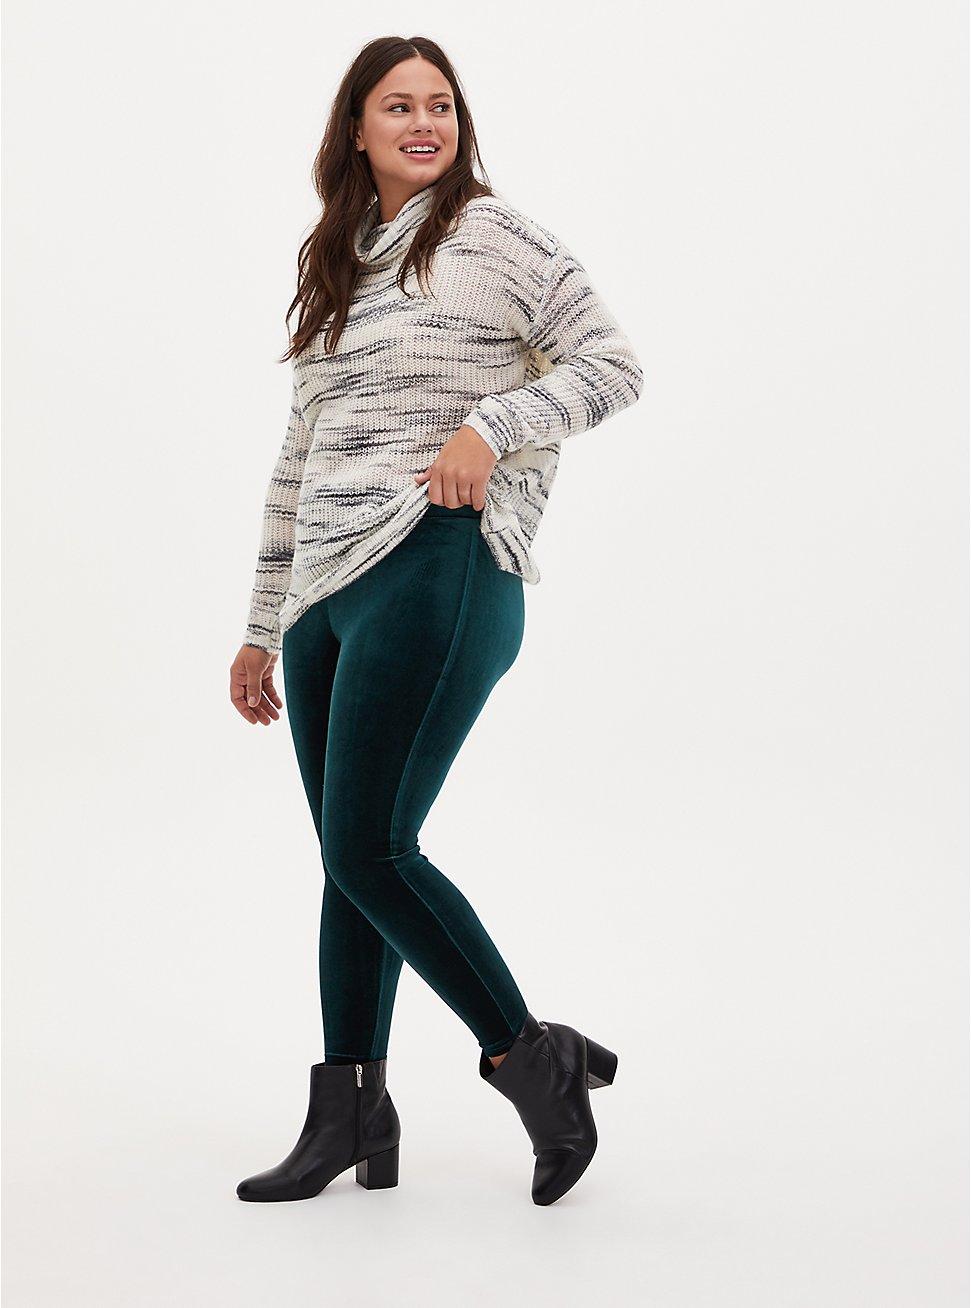 Platinum Legging - Velvet Teal, GREEN, hi-res